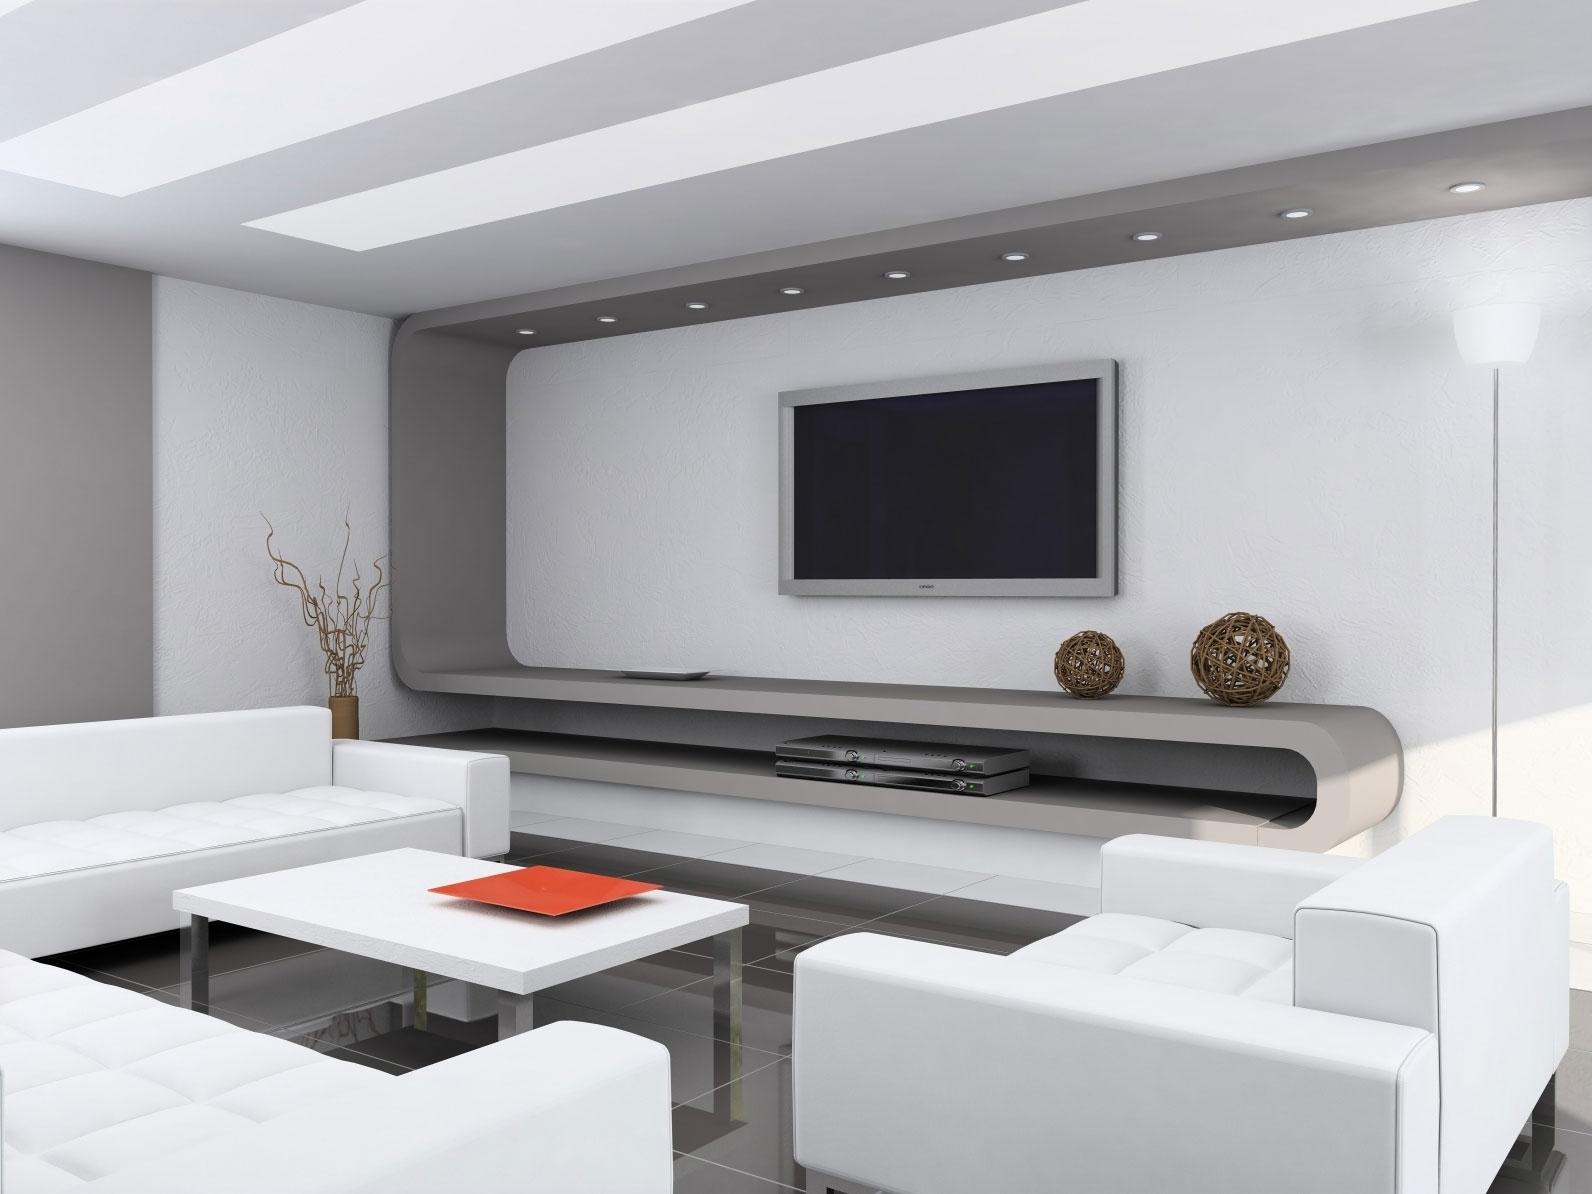 dizain mebeli 300x225 Мебель в дизайне интерьера Дизайн каждой комнаты в